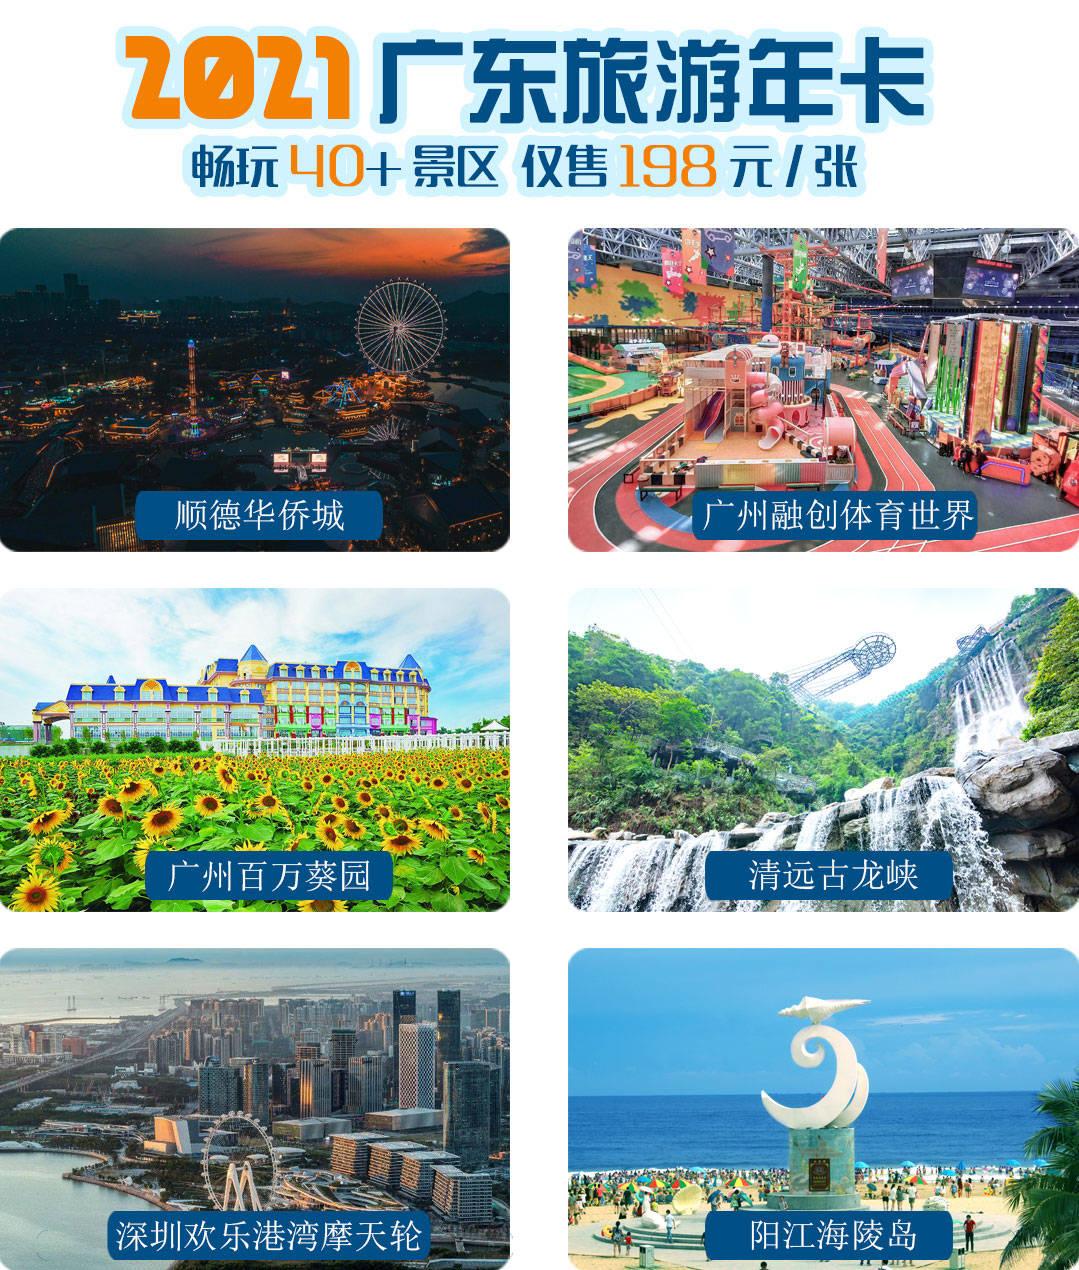 旅游卡排行_广东旅游年卡上新啦!198元畅游40+热门景区